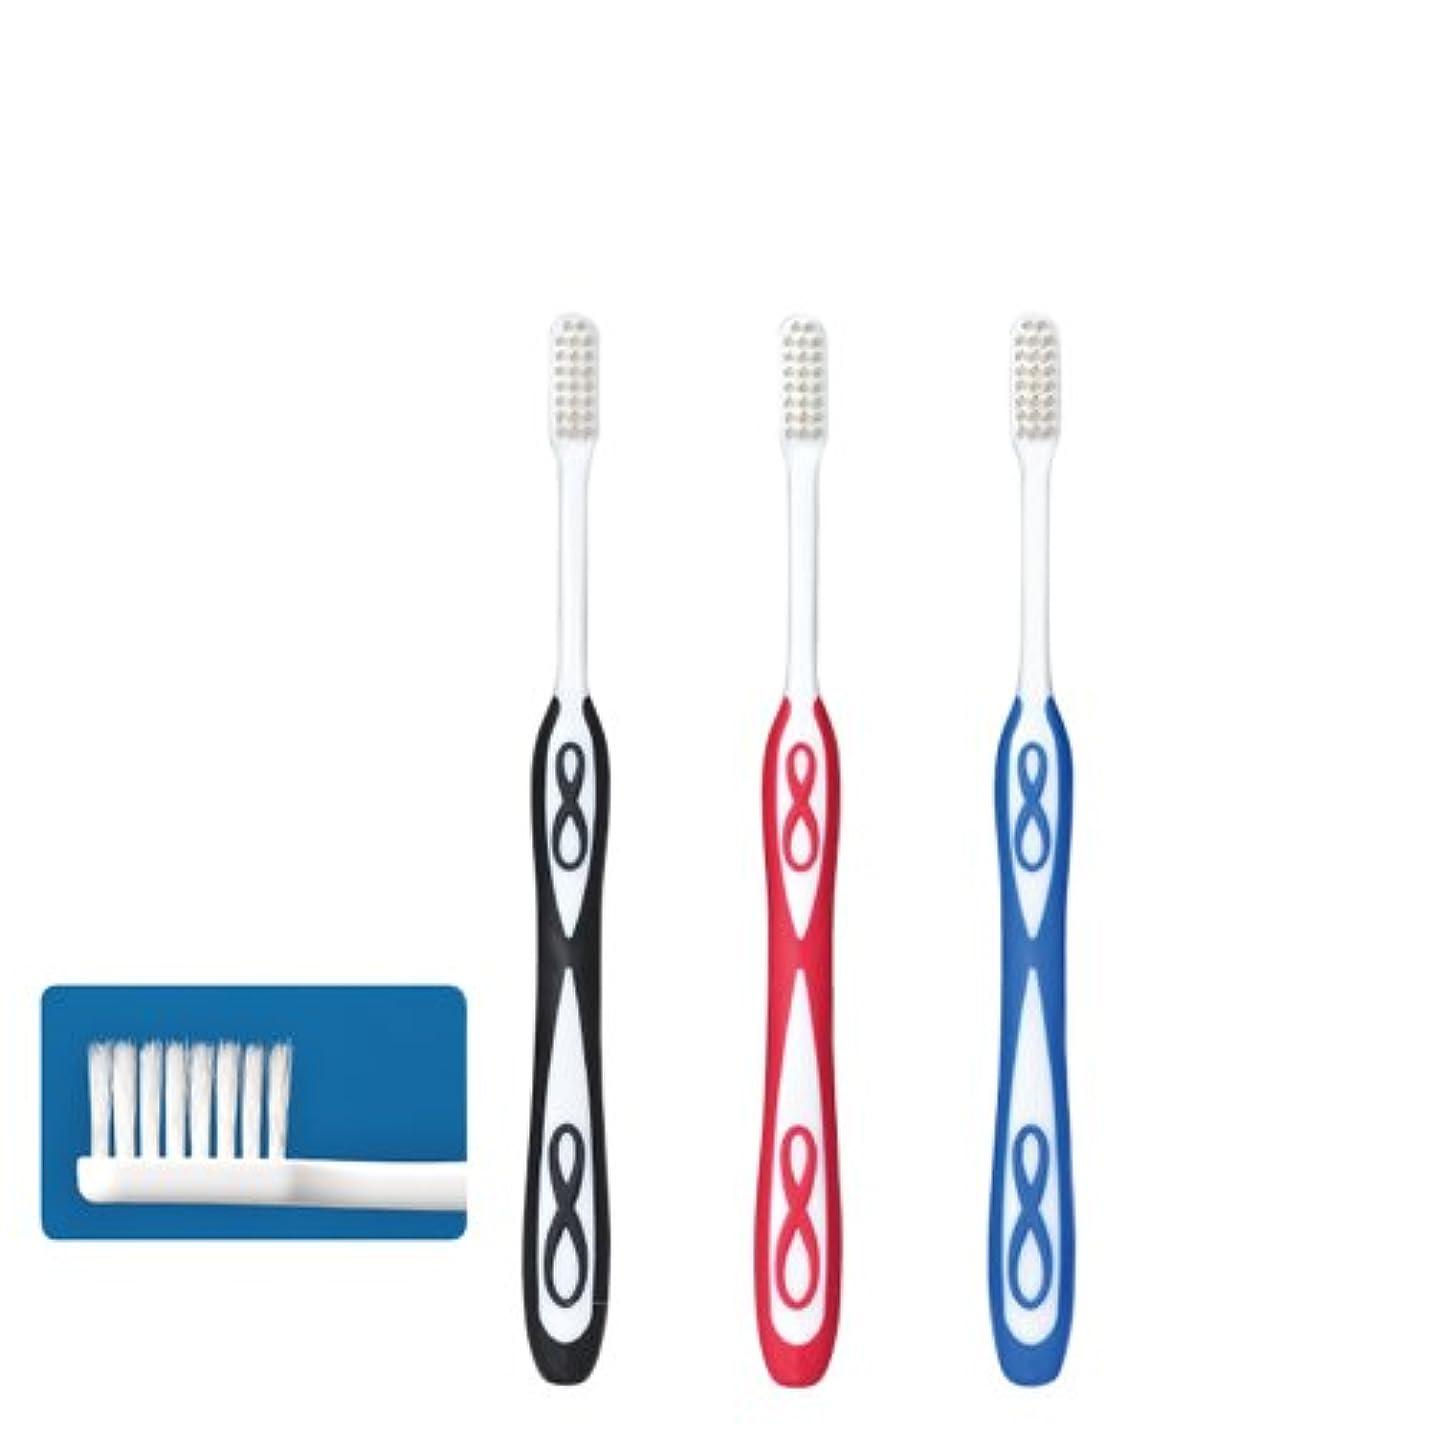 振動する地区本会議Lover8 ラバーエイト レギュラー歯ブラシ × 1本 Ciメディカル【歯科専売品】